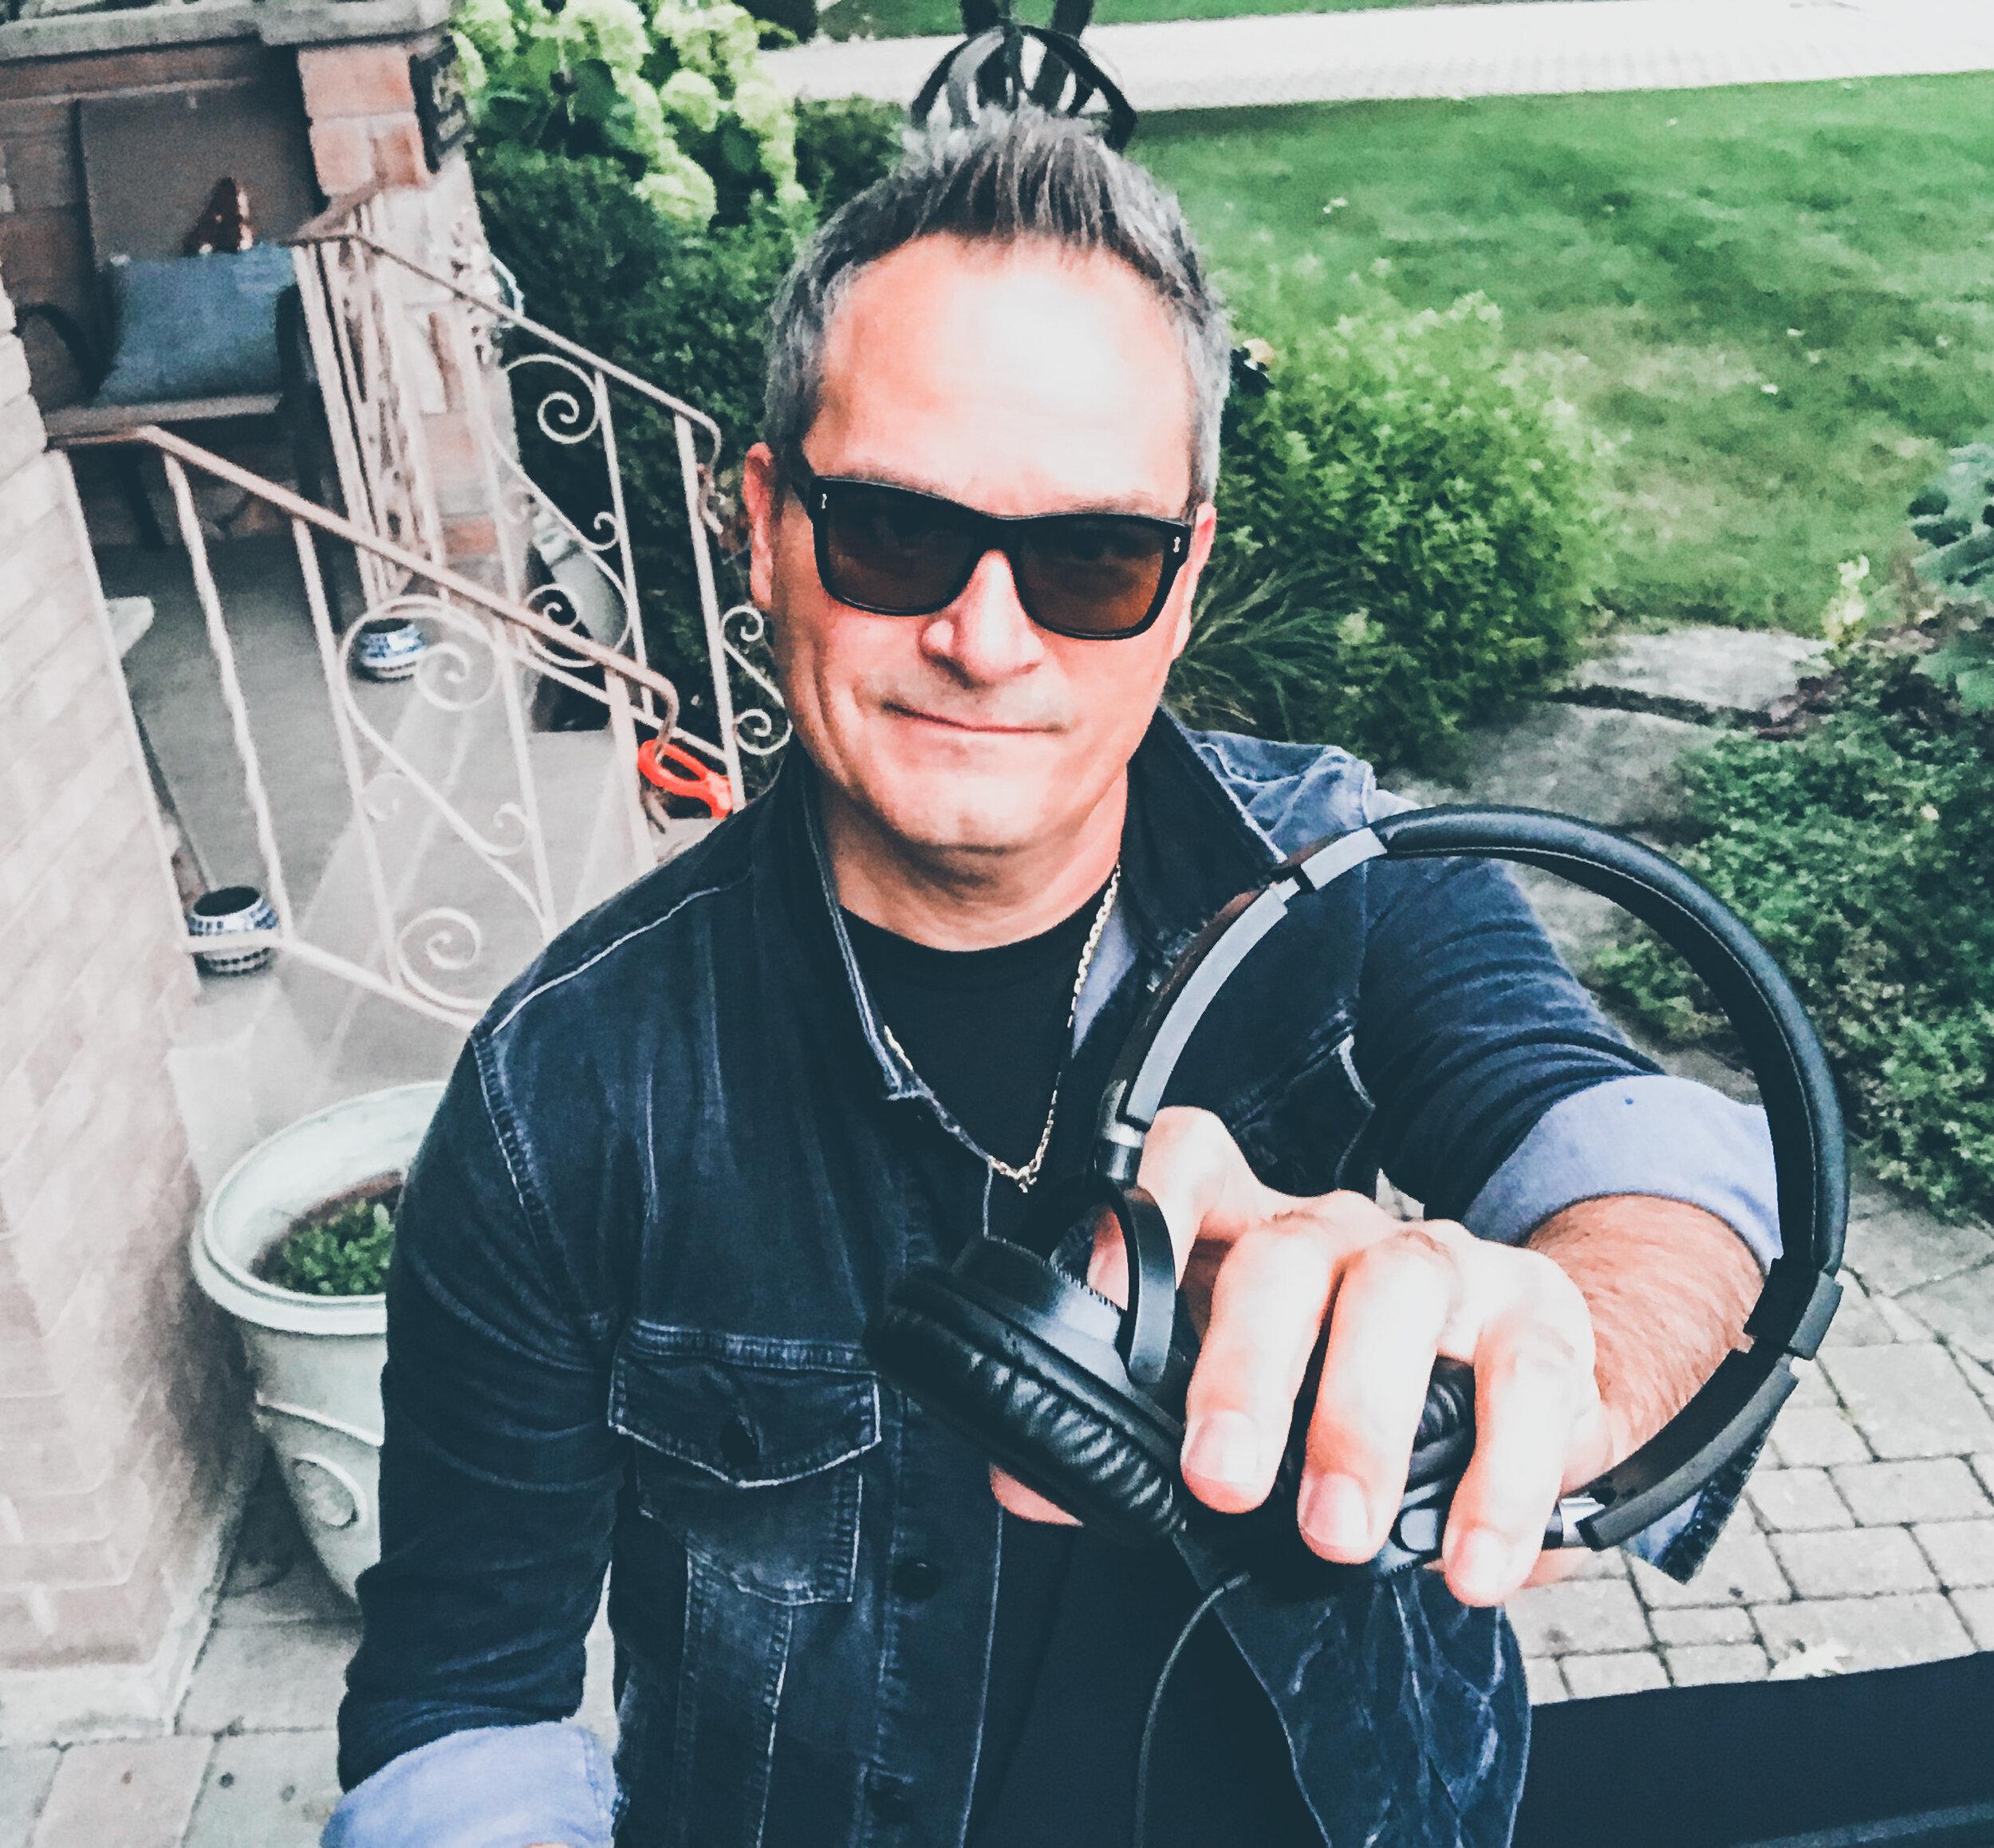 Todd Arcari DJ MC 2019 - Pic 2.jpg